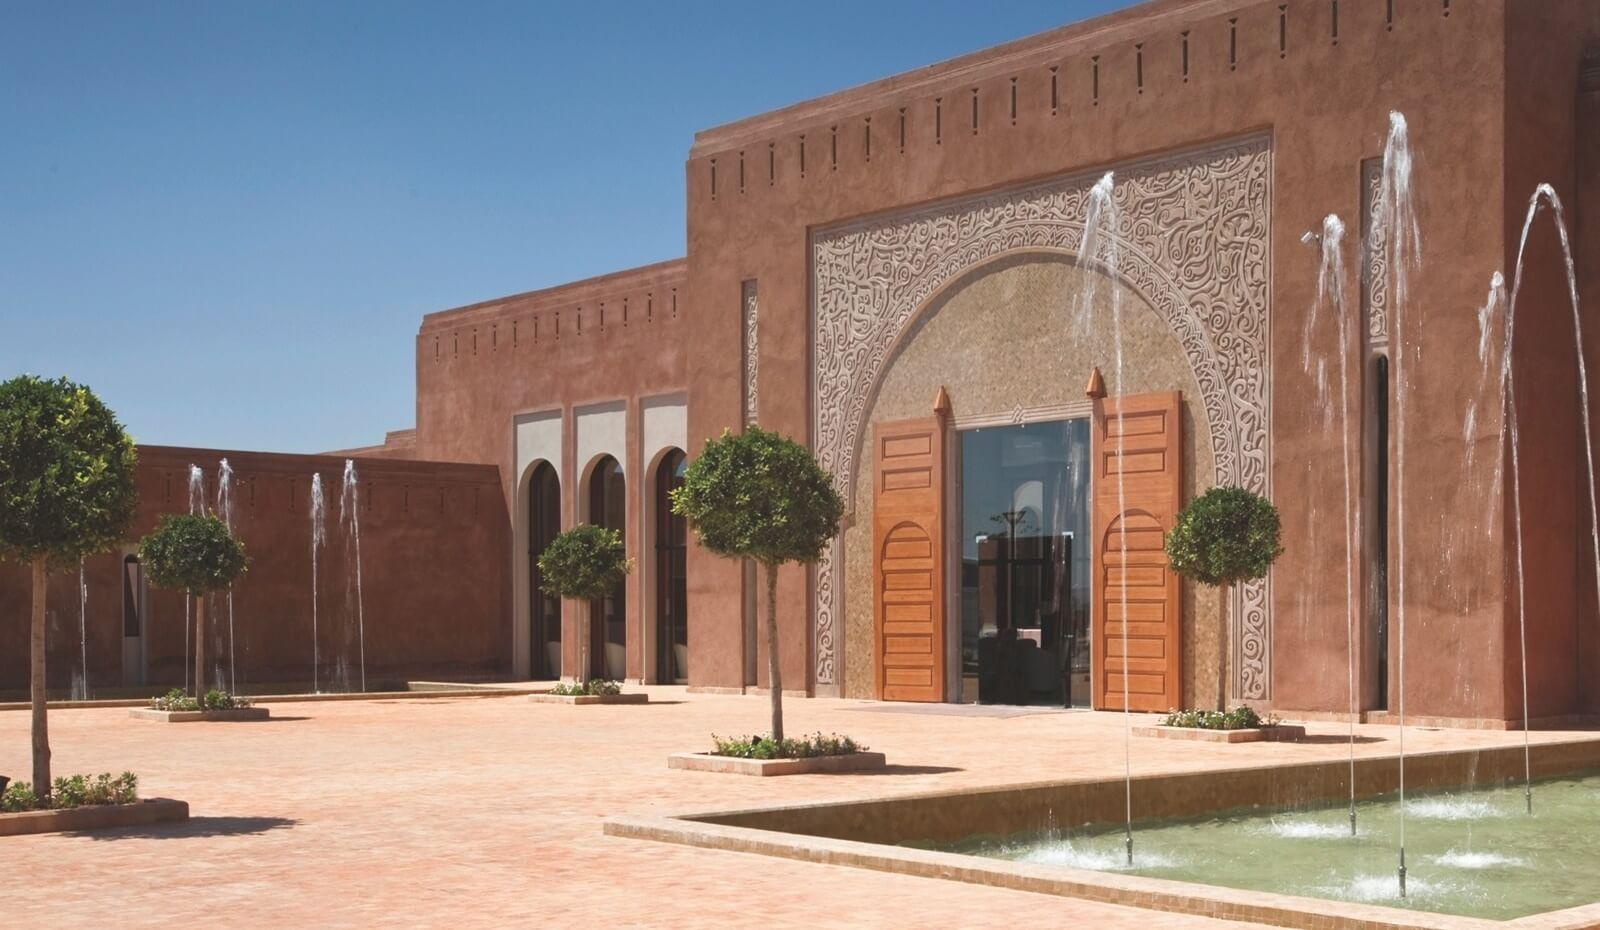 Kenzi Club Agdal Medina, Marrakech